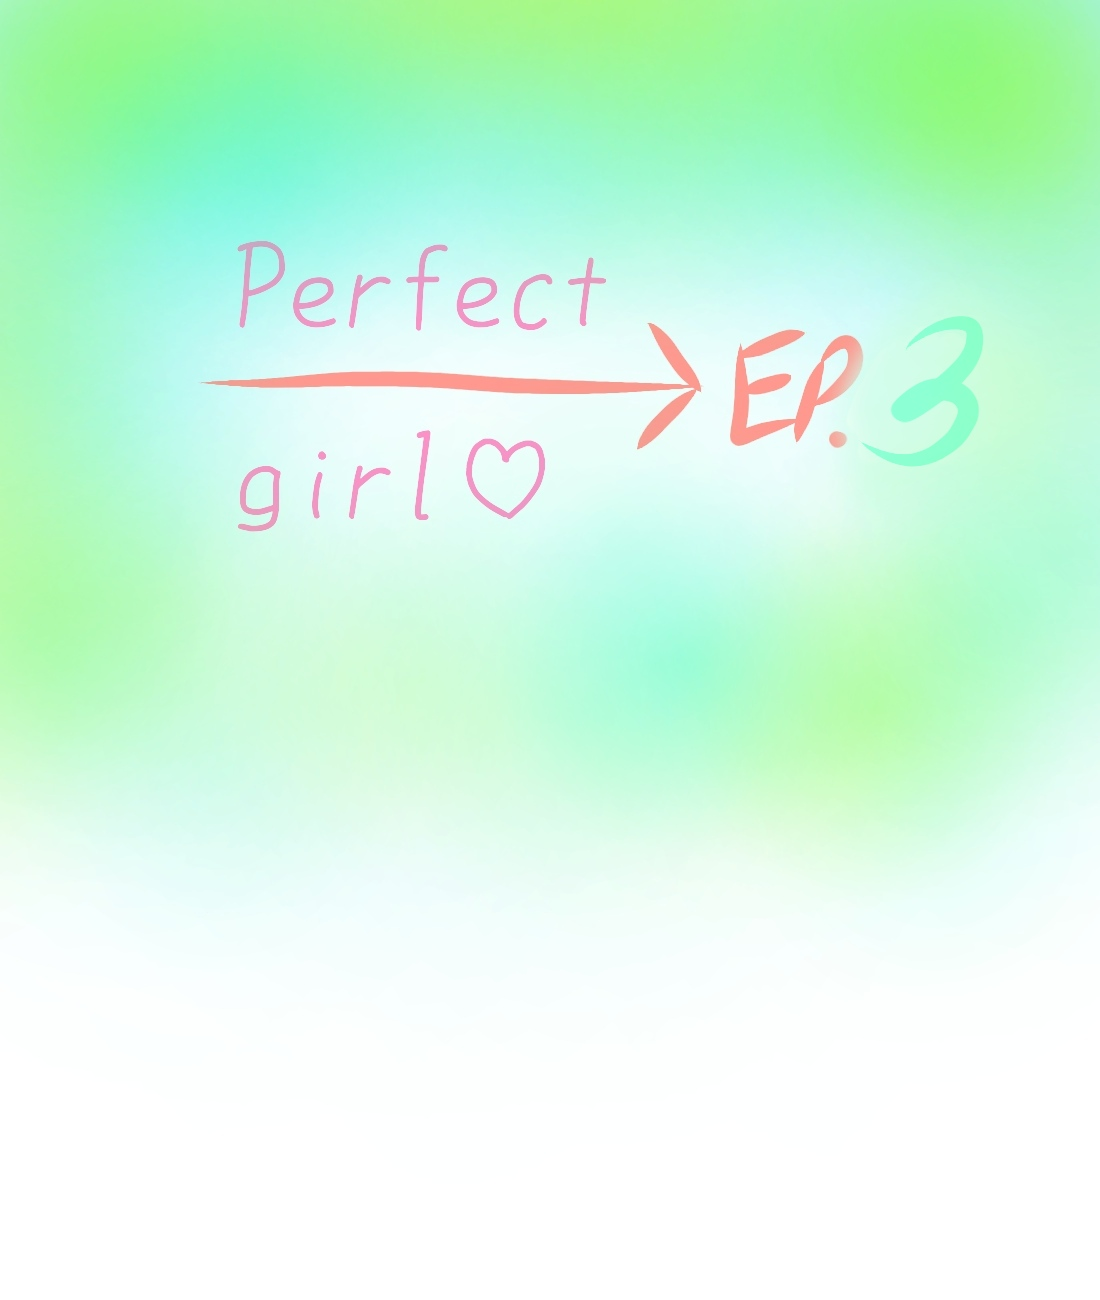 Perfect Gi - ฉัน...